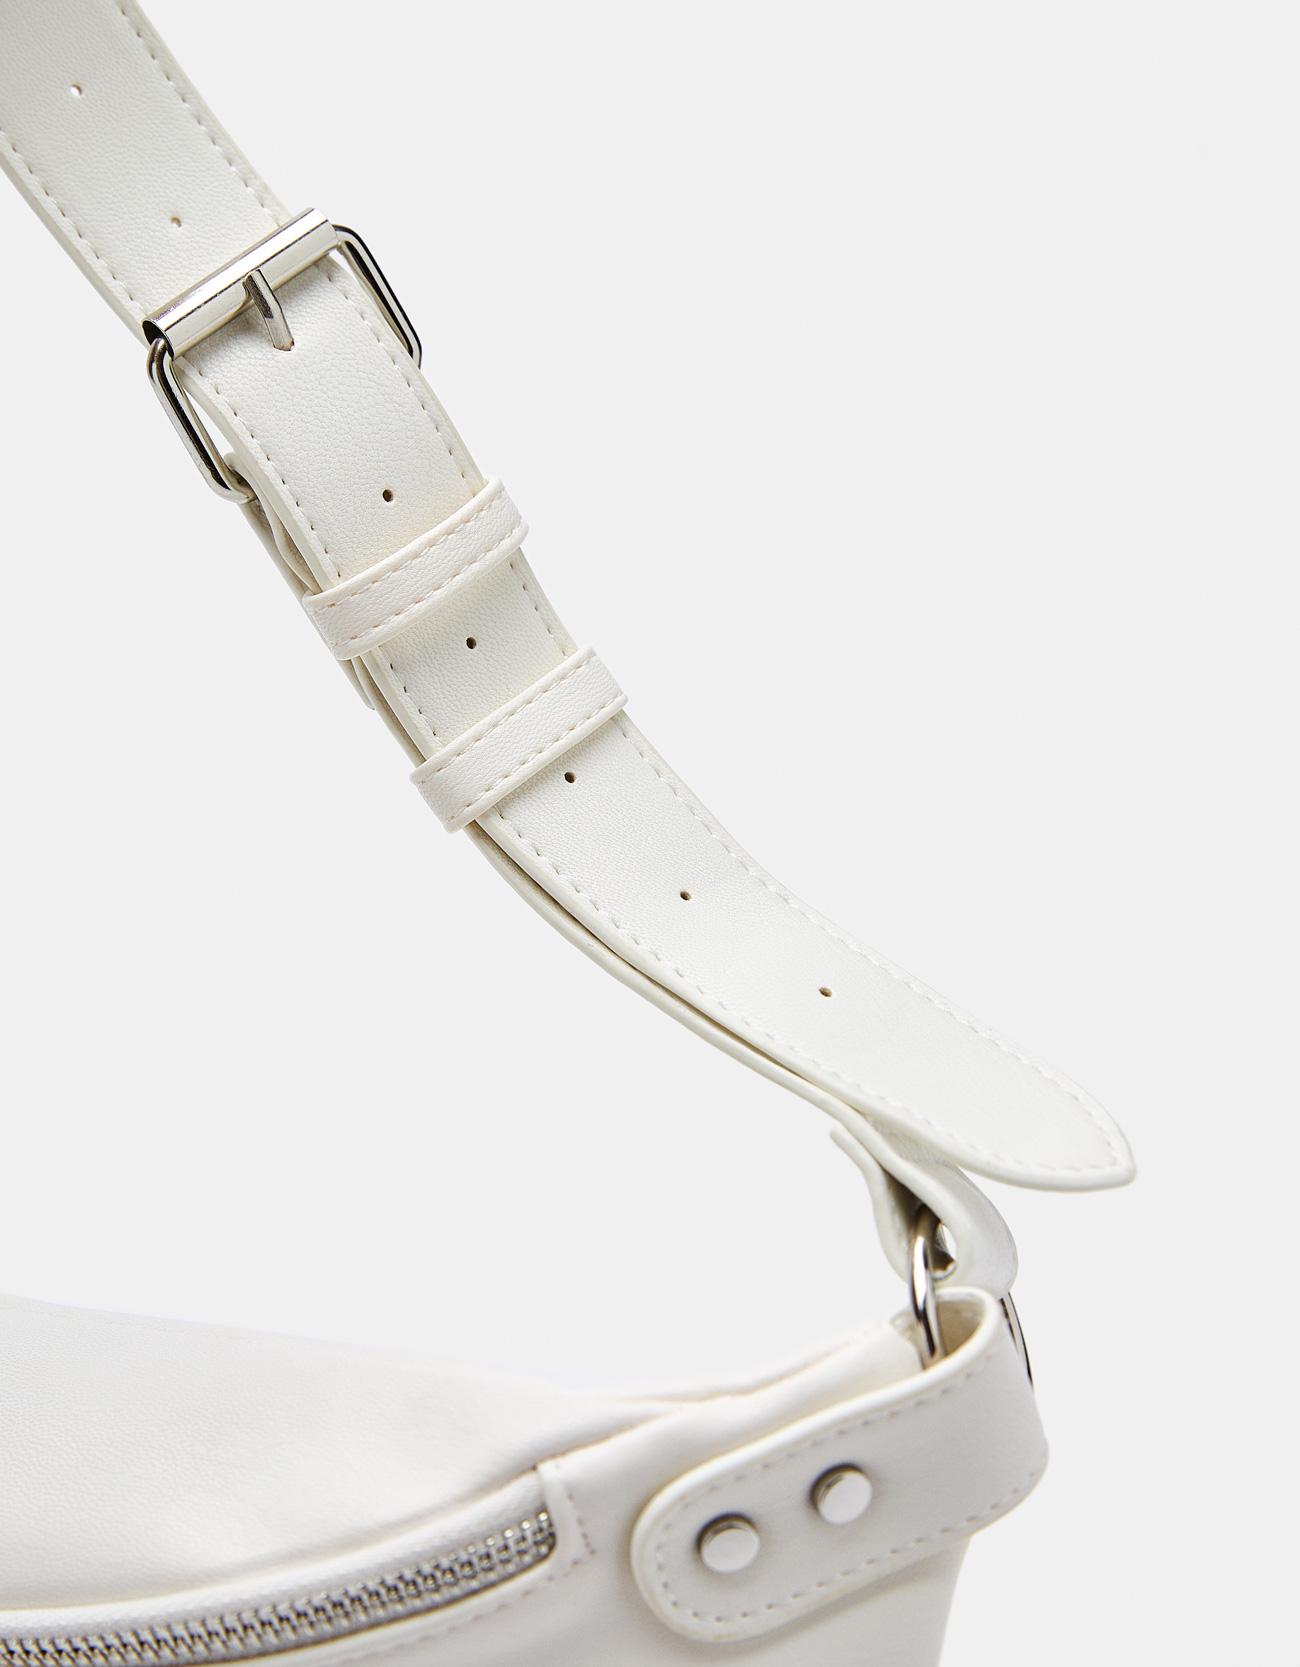 b88de2f77916d ... Zincirli bel çantası · Zincirli bel çantası